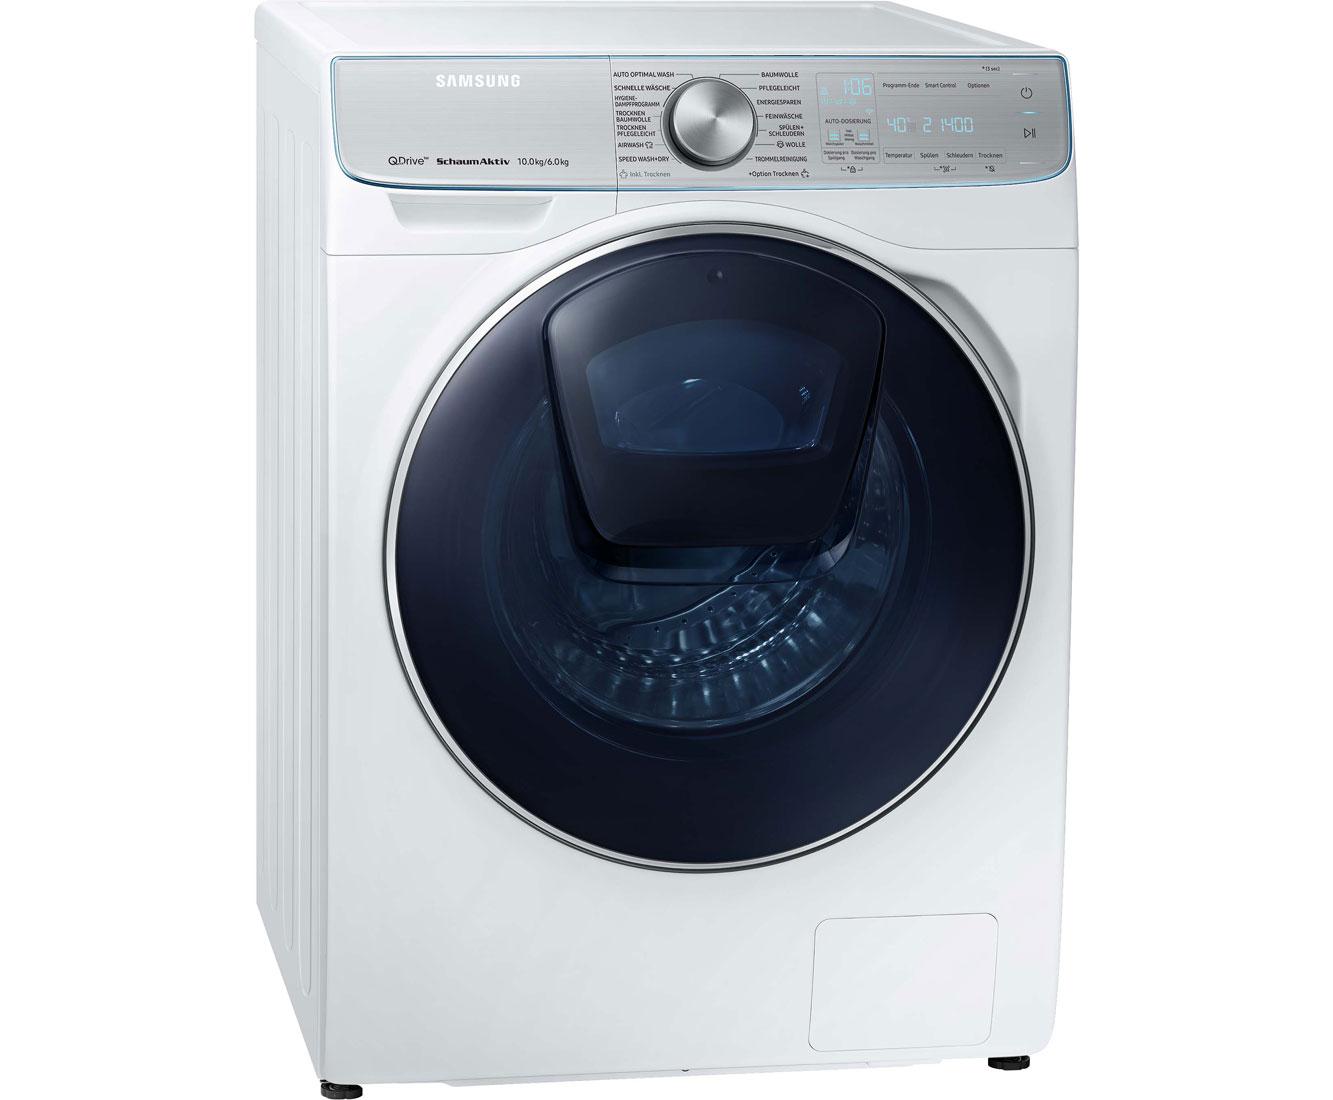 Shopthewall samsung wd10n84inoa eg waschtrockner mit quickdrive